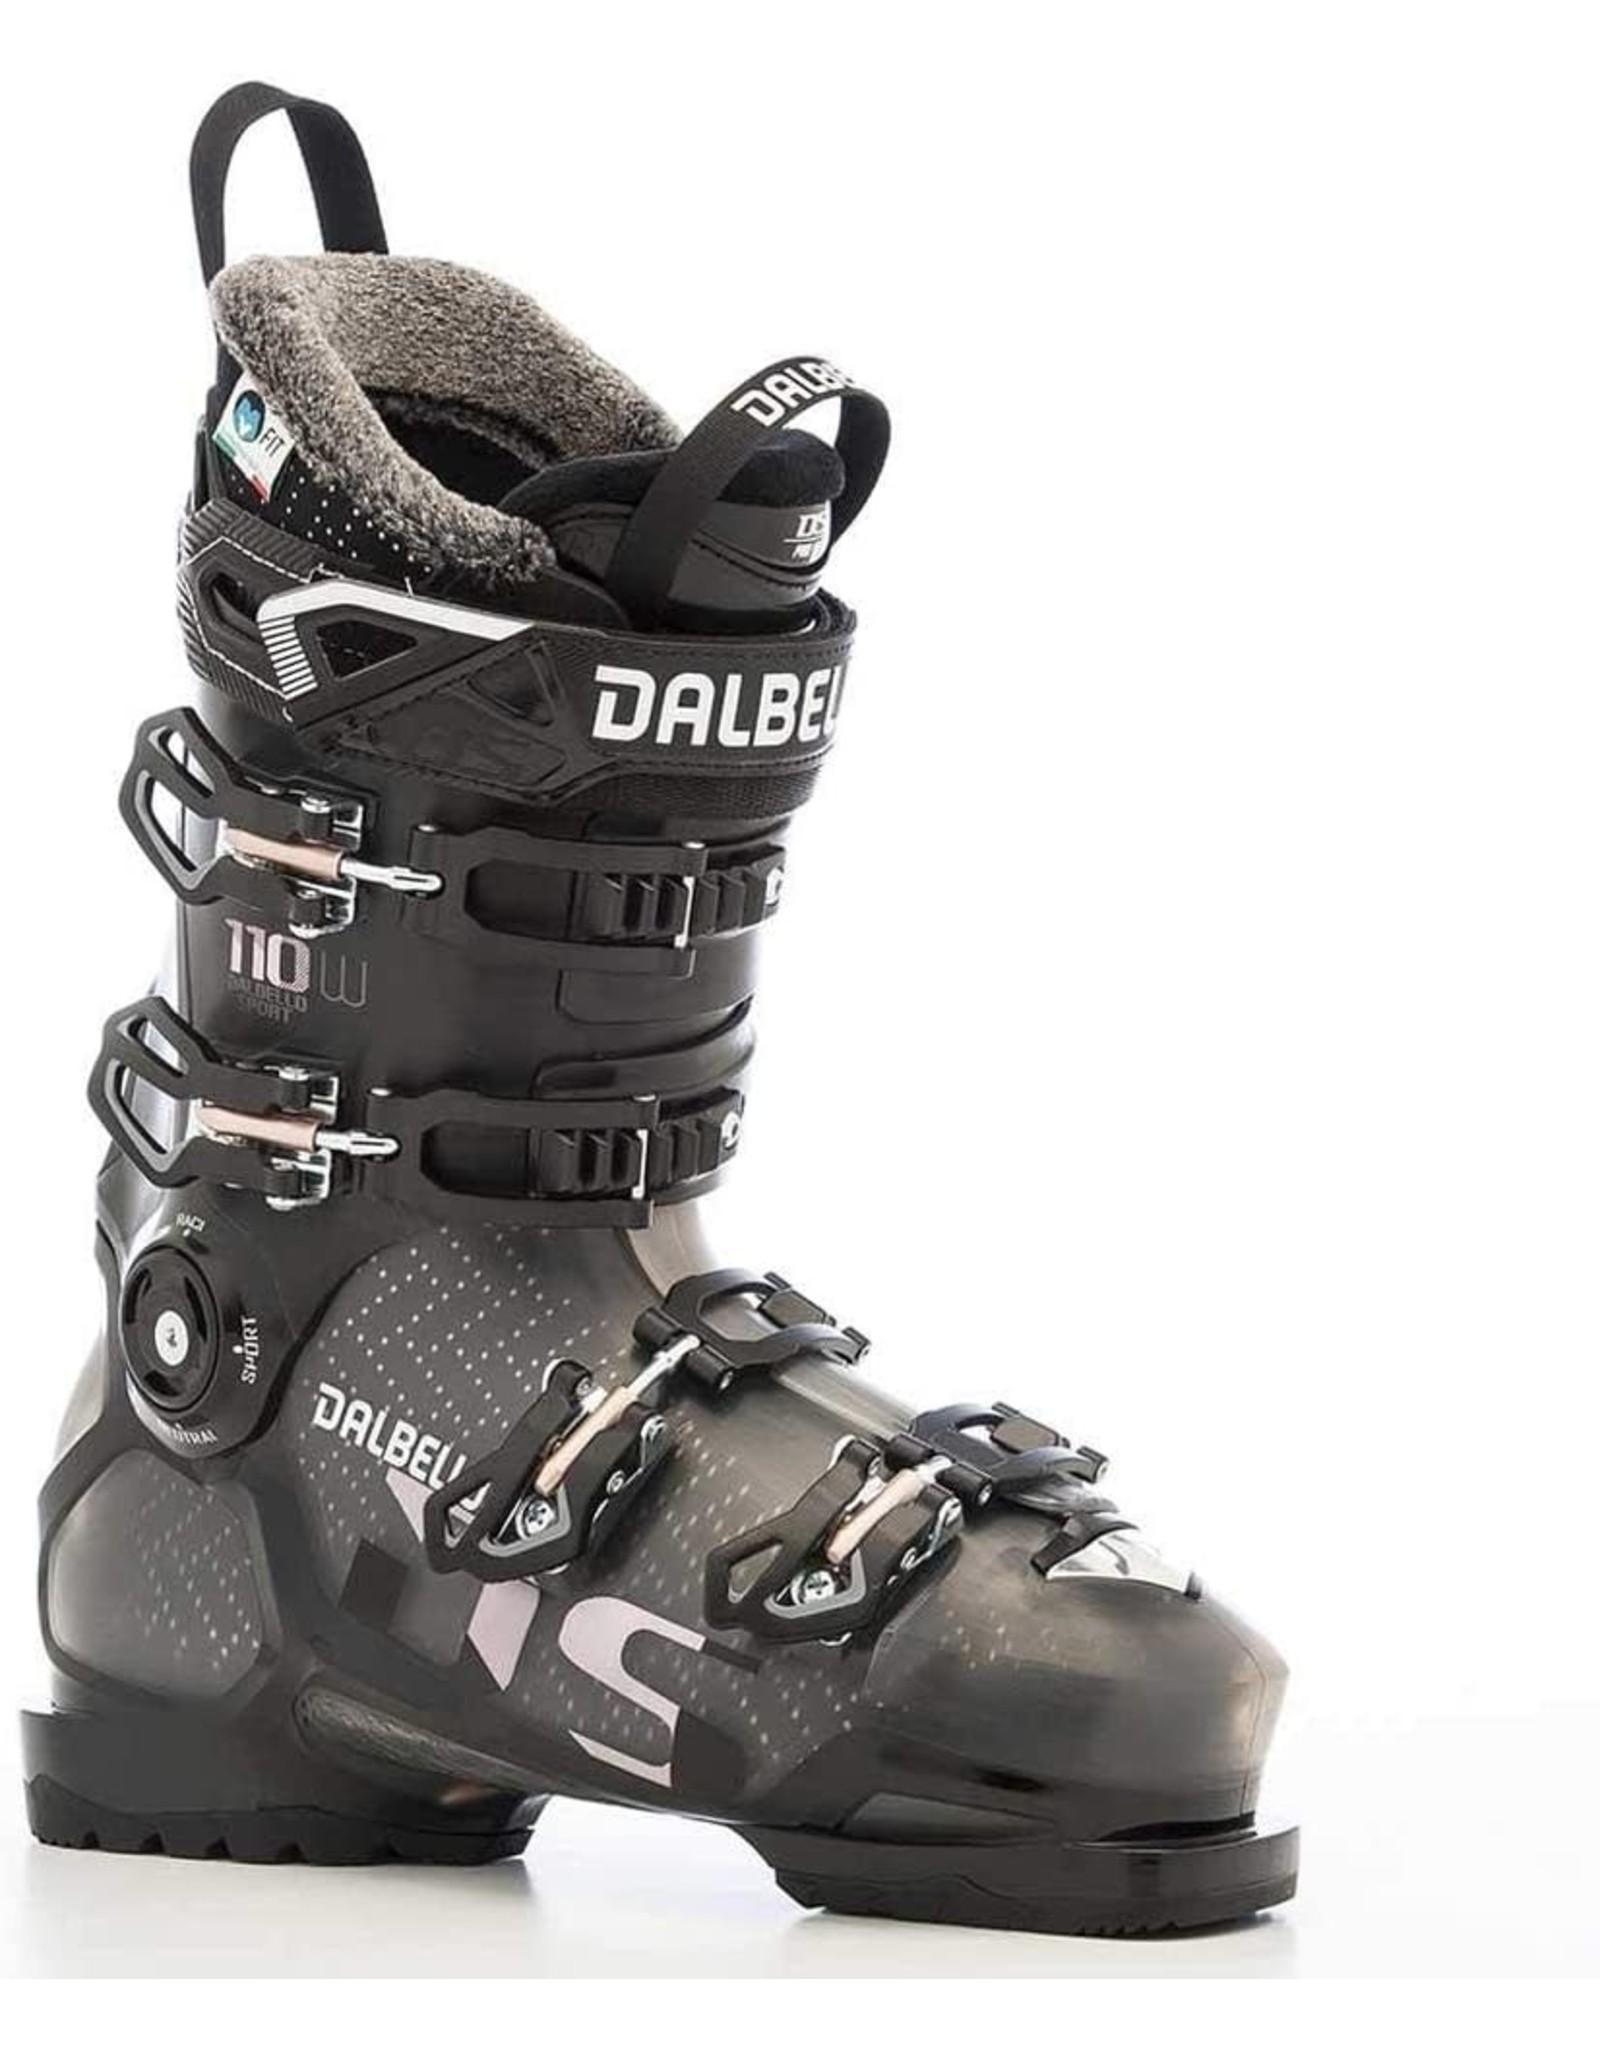 Dalbello DALBELLO W DS 110 F18